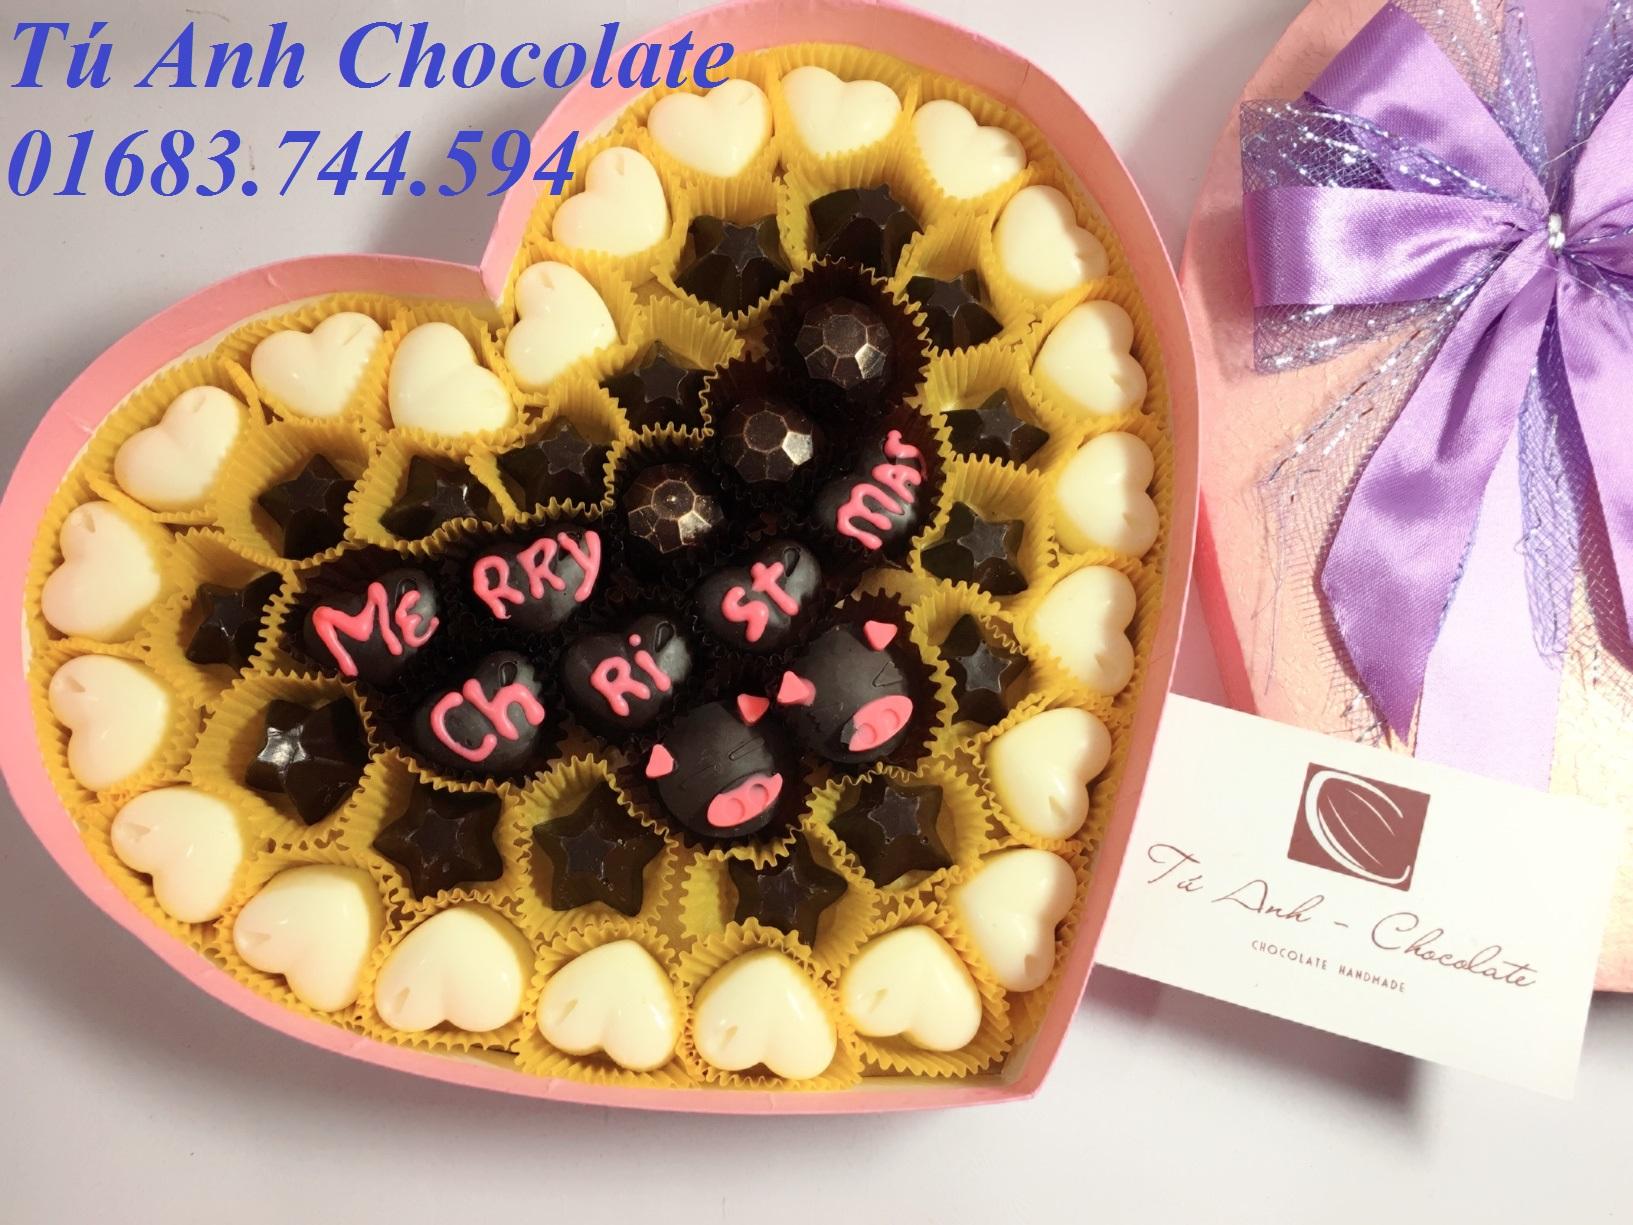 bán buôn socola valentine giá rẻ tại Hà Nội